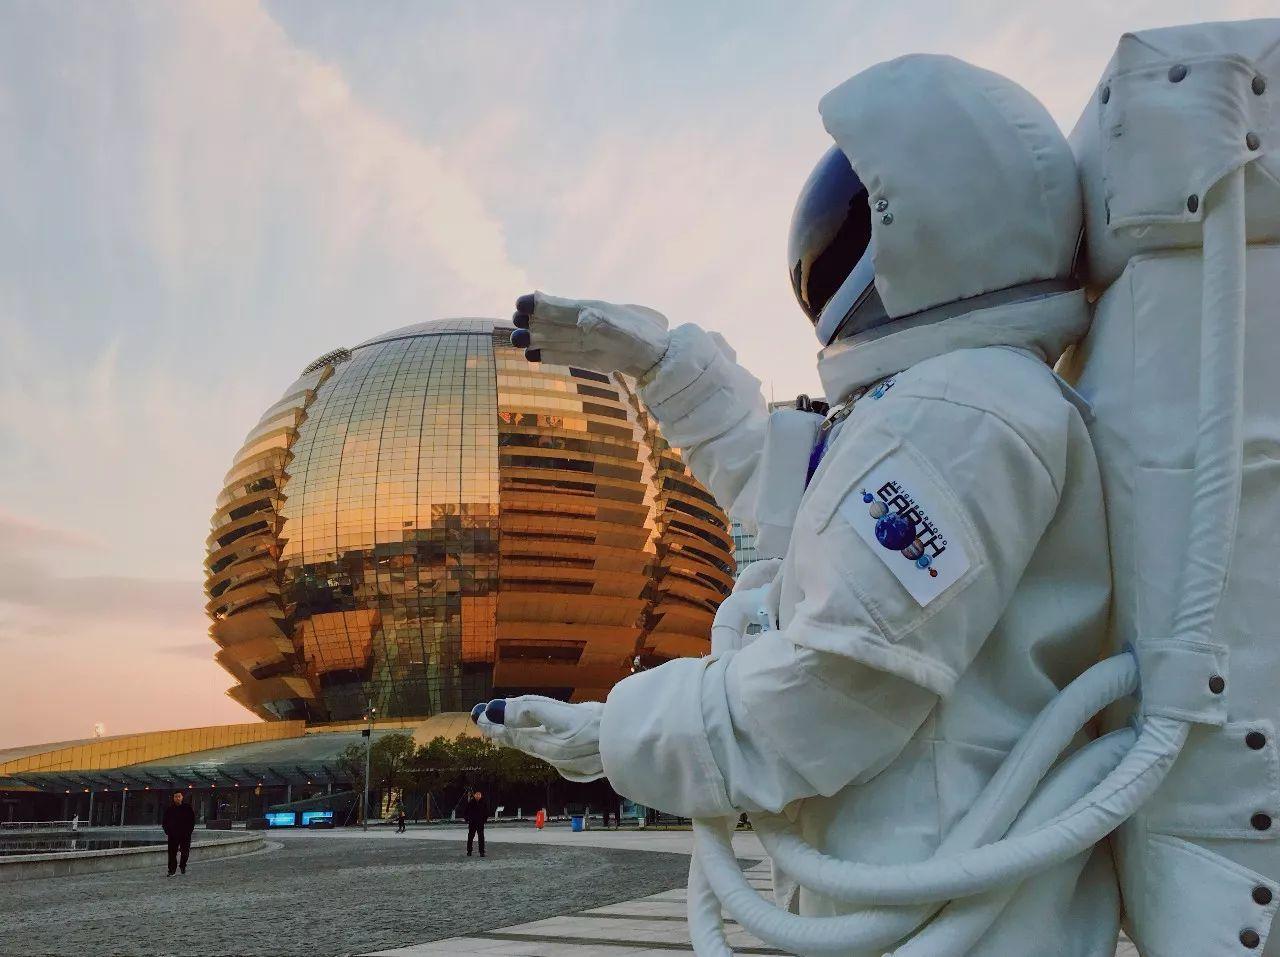 杭州街头惊现宇航员,NASA航天器穿越美帝来到杭州,整个太阳系都在你眼前!(图12)